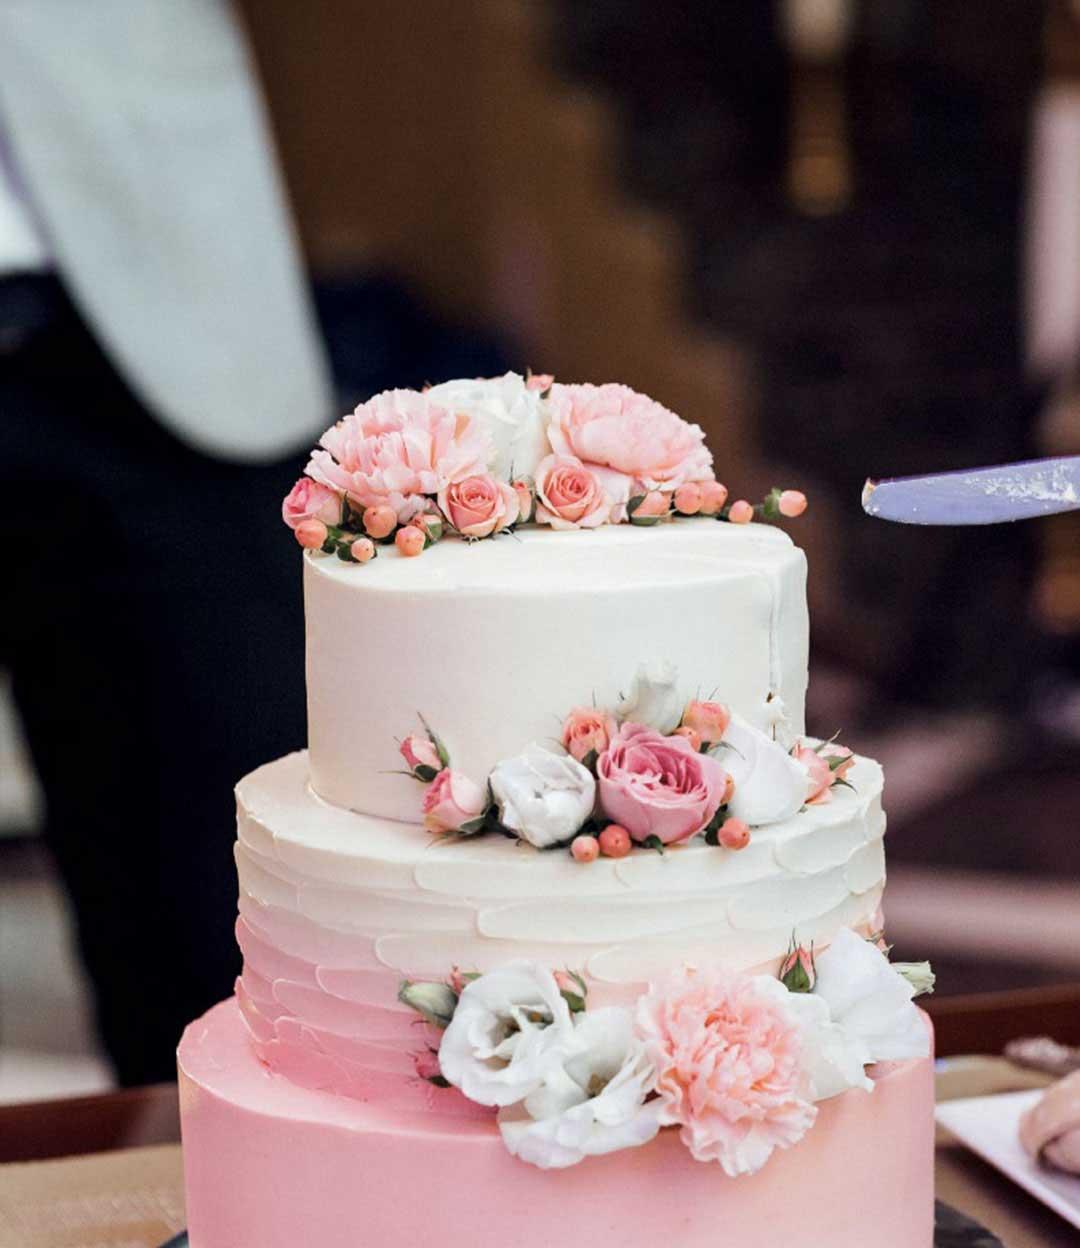 Comment se former au Cake Design et à la pâtisserie, à distance ?